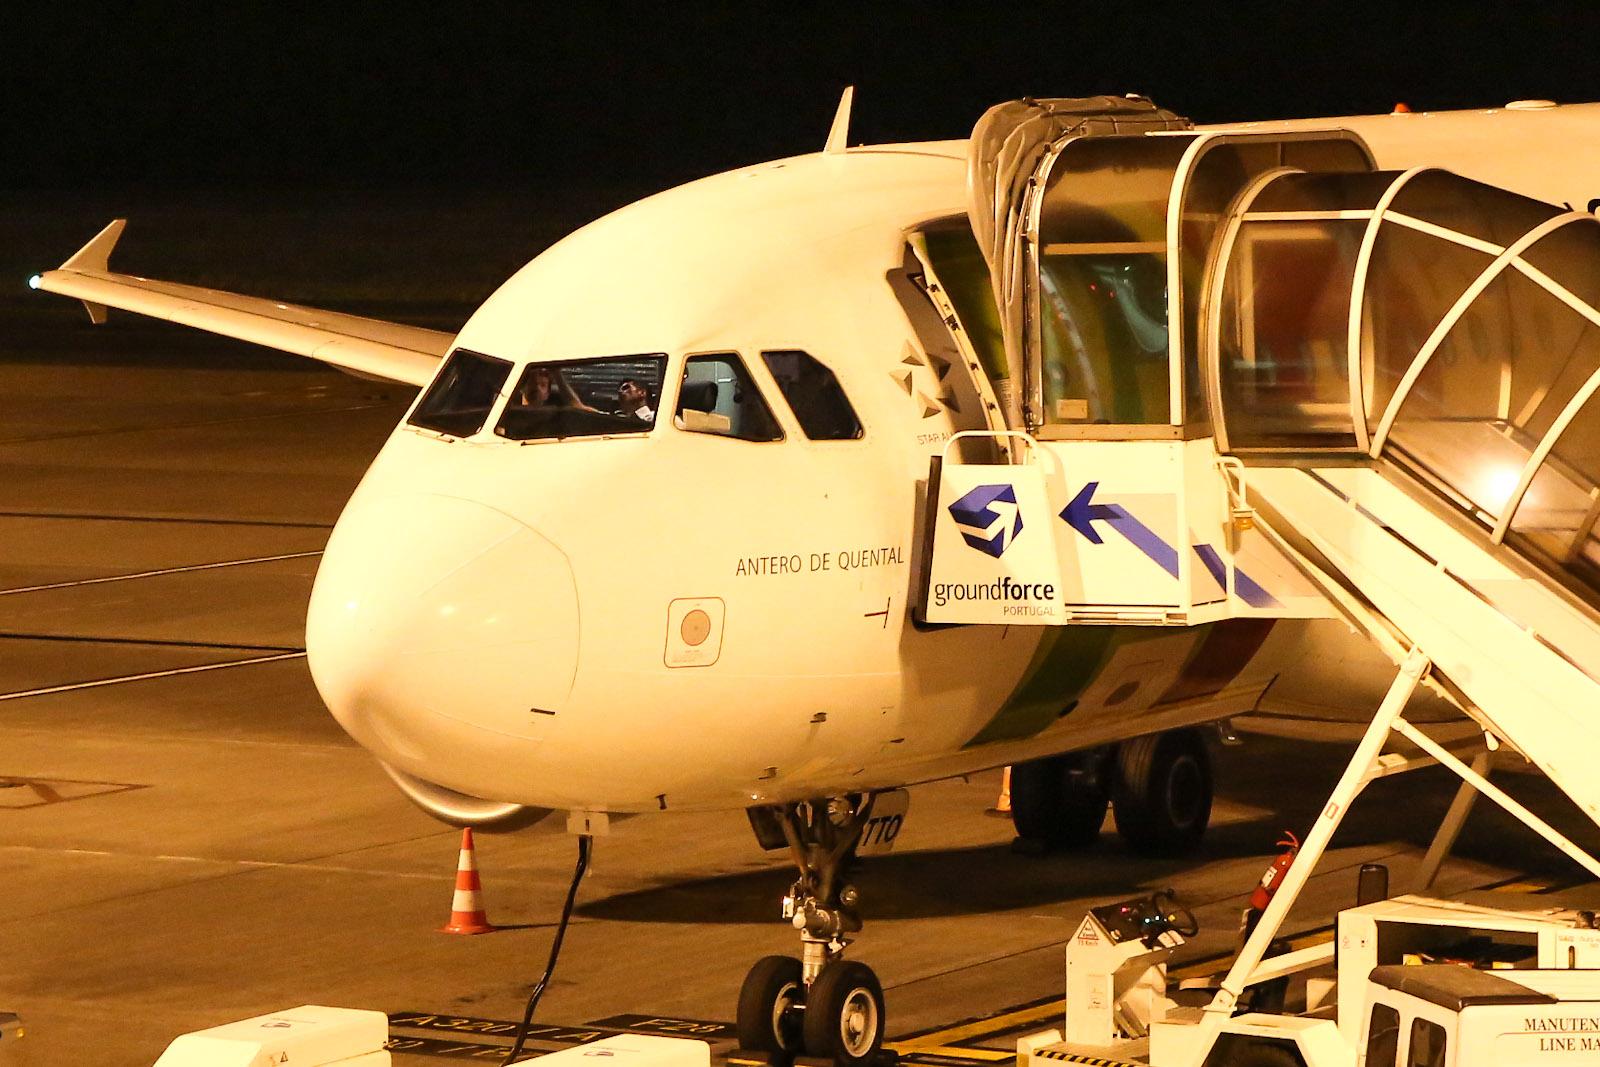 Пилоты готовятся к вылету в самолете Airbus A319 авиакомпании TAP Portugal